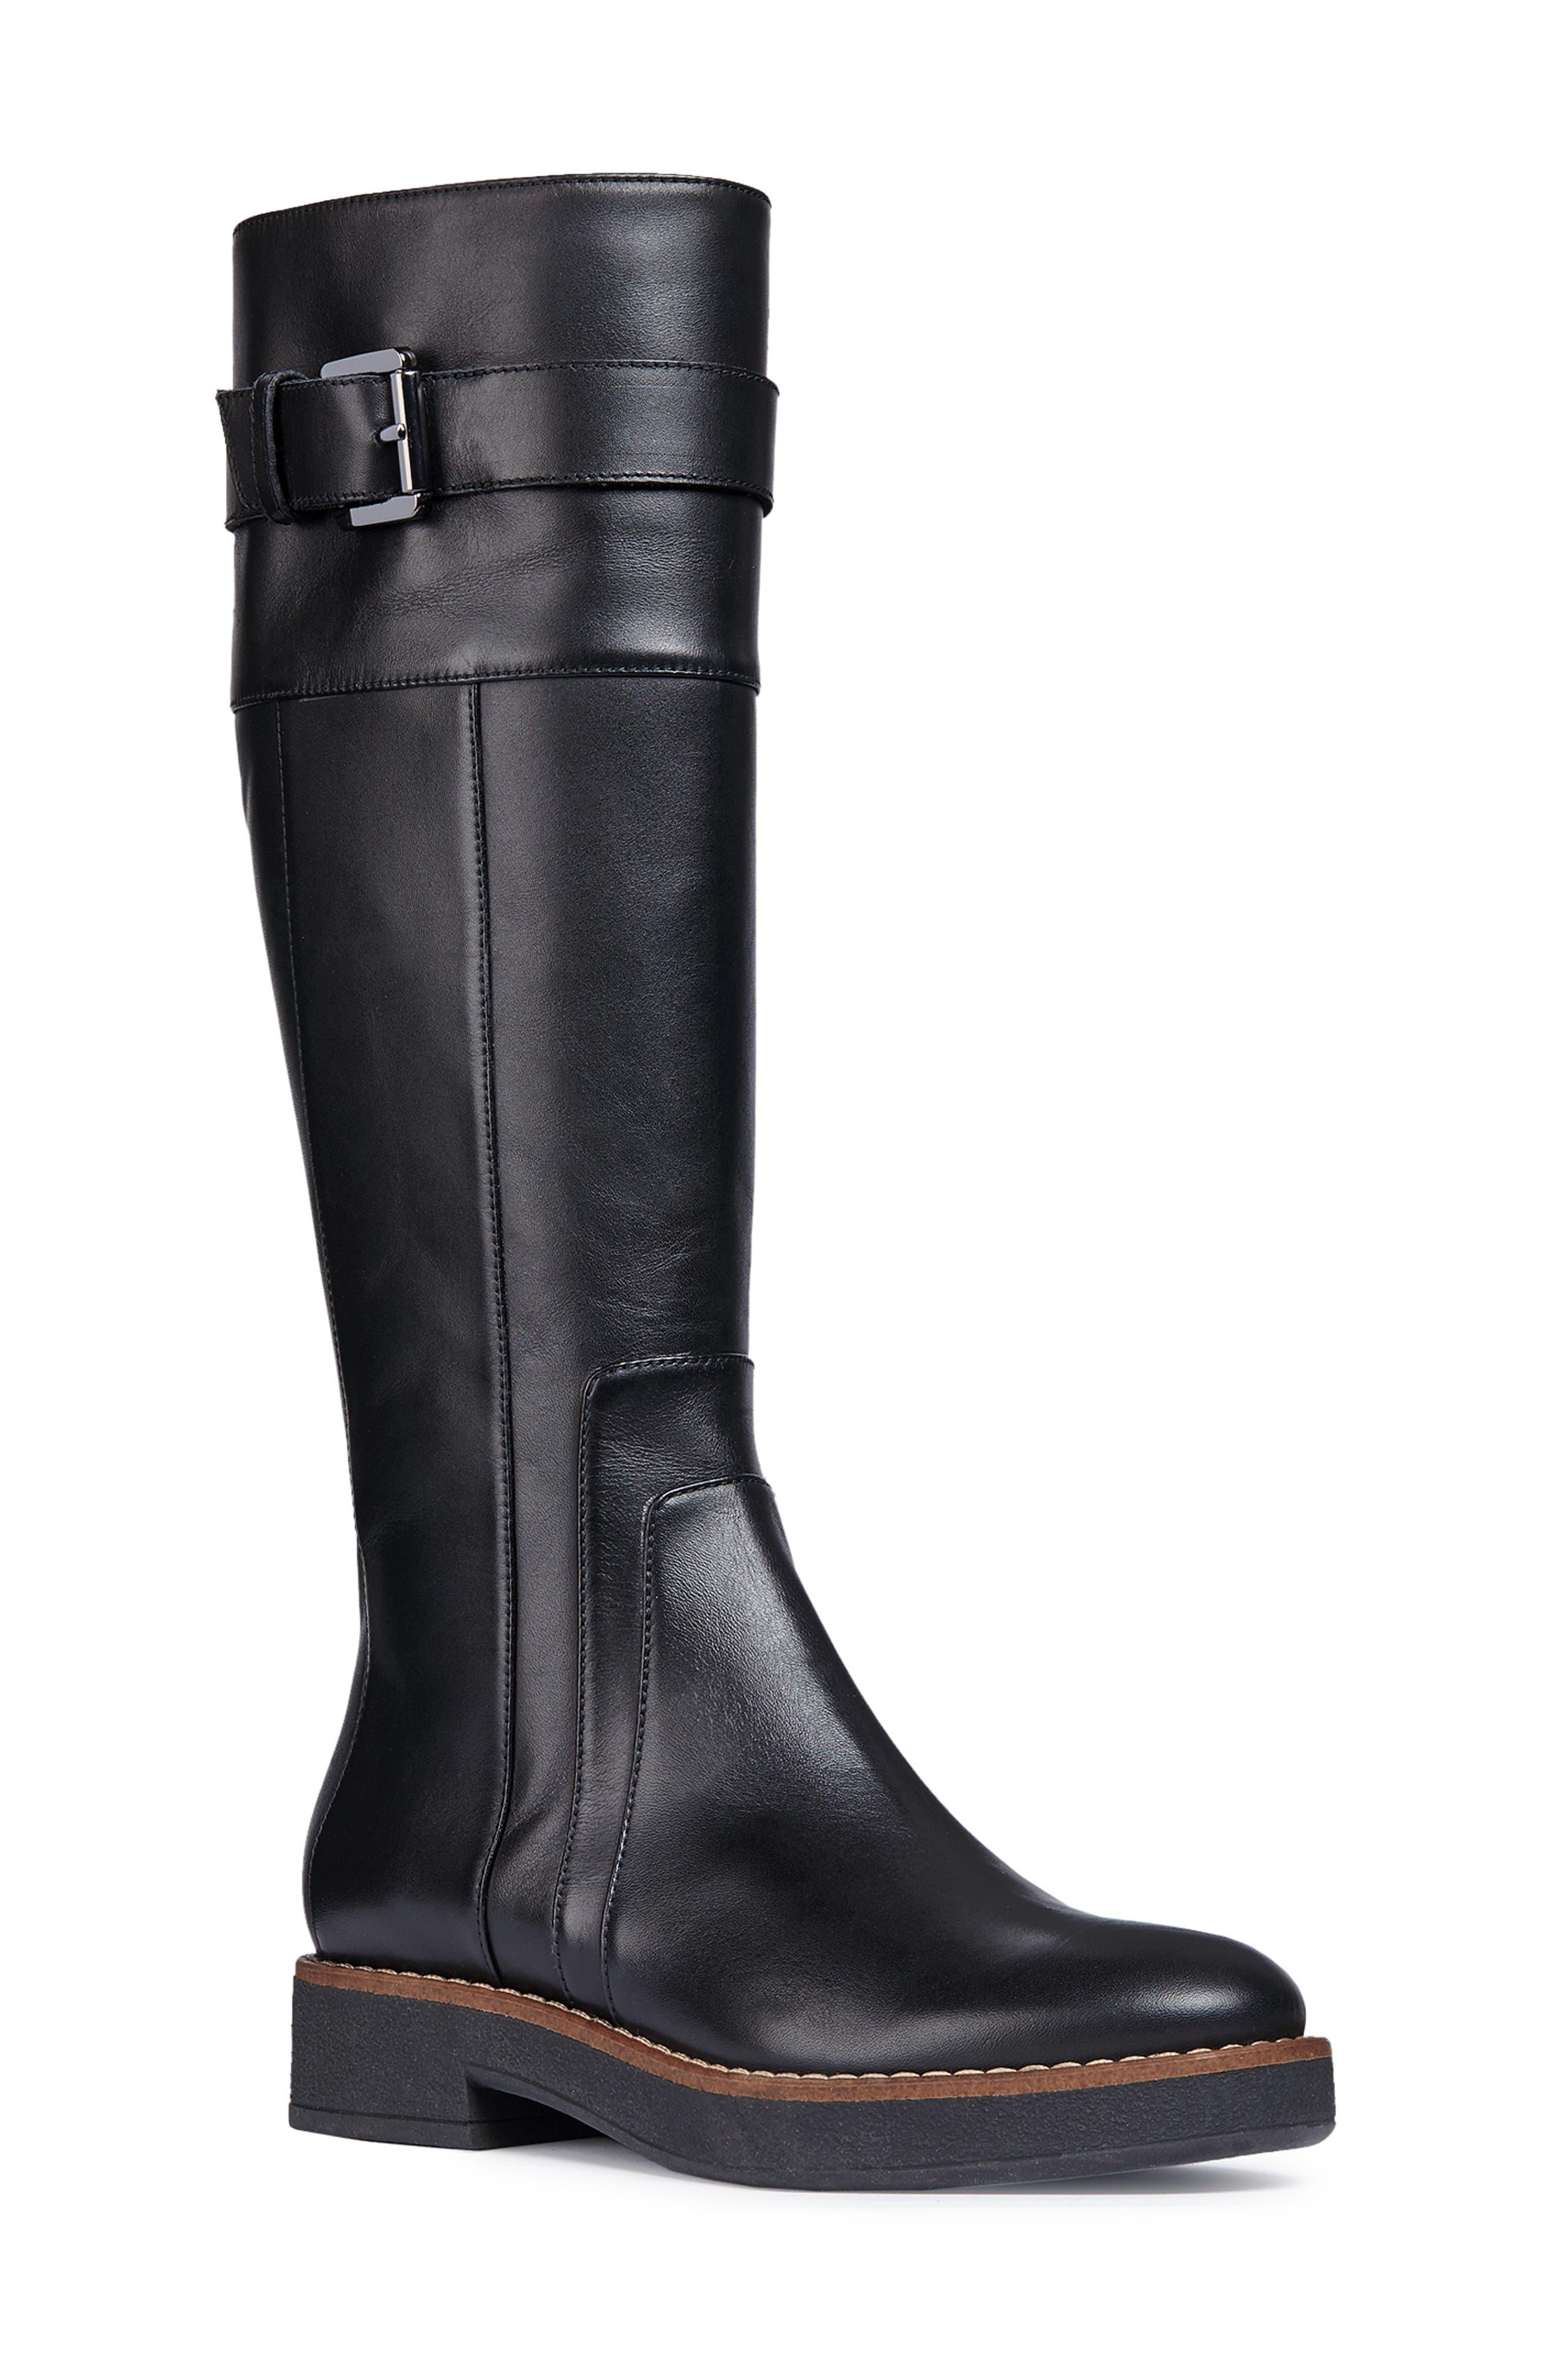 Geox Adrya Knee High Boot - Black